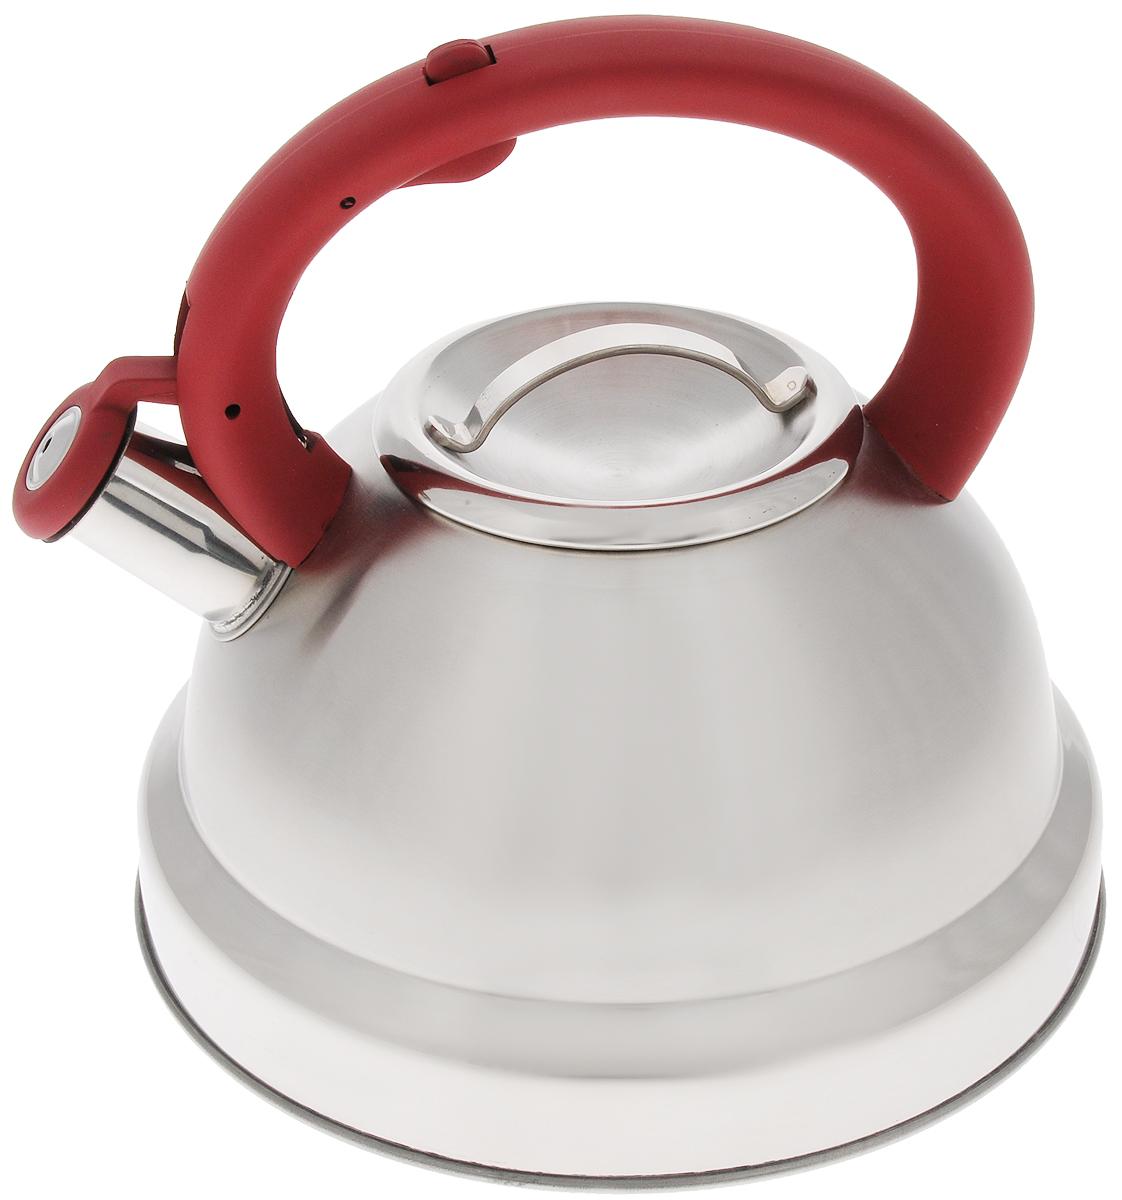 Чайник Mayer & Boch, со свистком, 3,5 л. 2141921419Чайник Mayer & Boch выполнен из высококачественной нержавеющей стали. Фиксированная ручка снабжена механизмом для открывания носика, что делает использование чайника очень удобным и безопасным. Носик чайника оснащен свистком, что позволит вам контролировать процесс подогрева или кипячения воды. Эстетичный и функциональный чайник будет оригинально смотреться в любом интерьере. . Подходит для всех видов плит, включая индукционные. Можно мыть в посудомоечной машине. Диаметр чайника (по верхнему краю): 10 см. Диаметр основания: 22 см. Высота чайника (с учетом ручки): 20,5 см. Диаметр индукционного диска: 17,5 см.